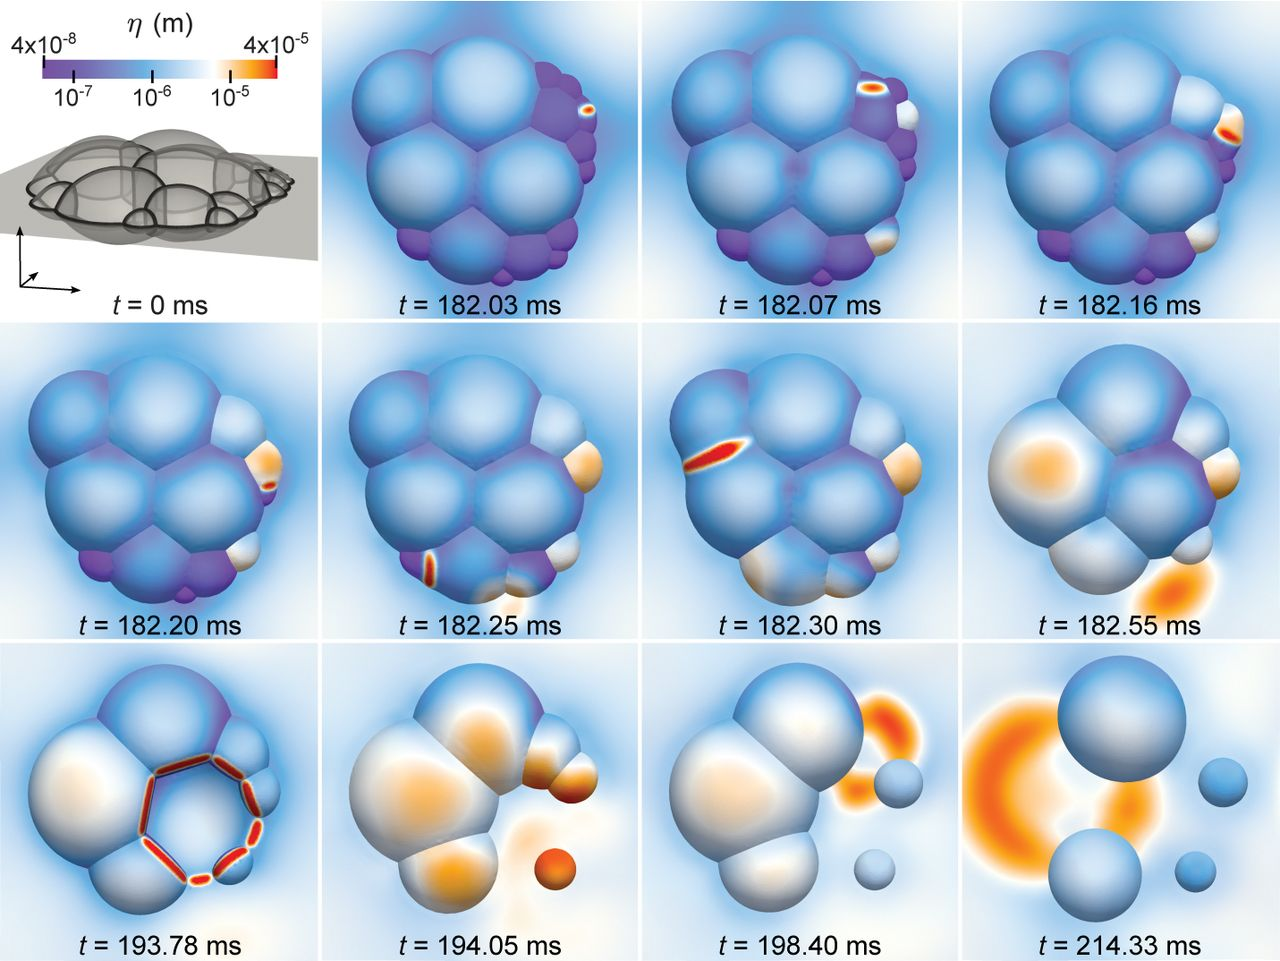 Dibujo20130510 simulation cluster of bubbles